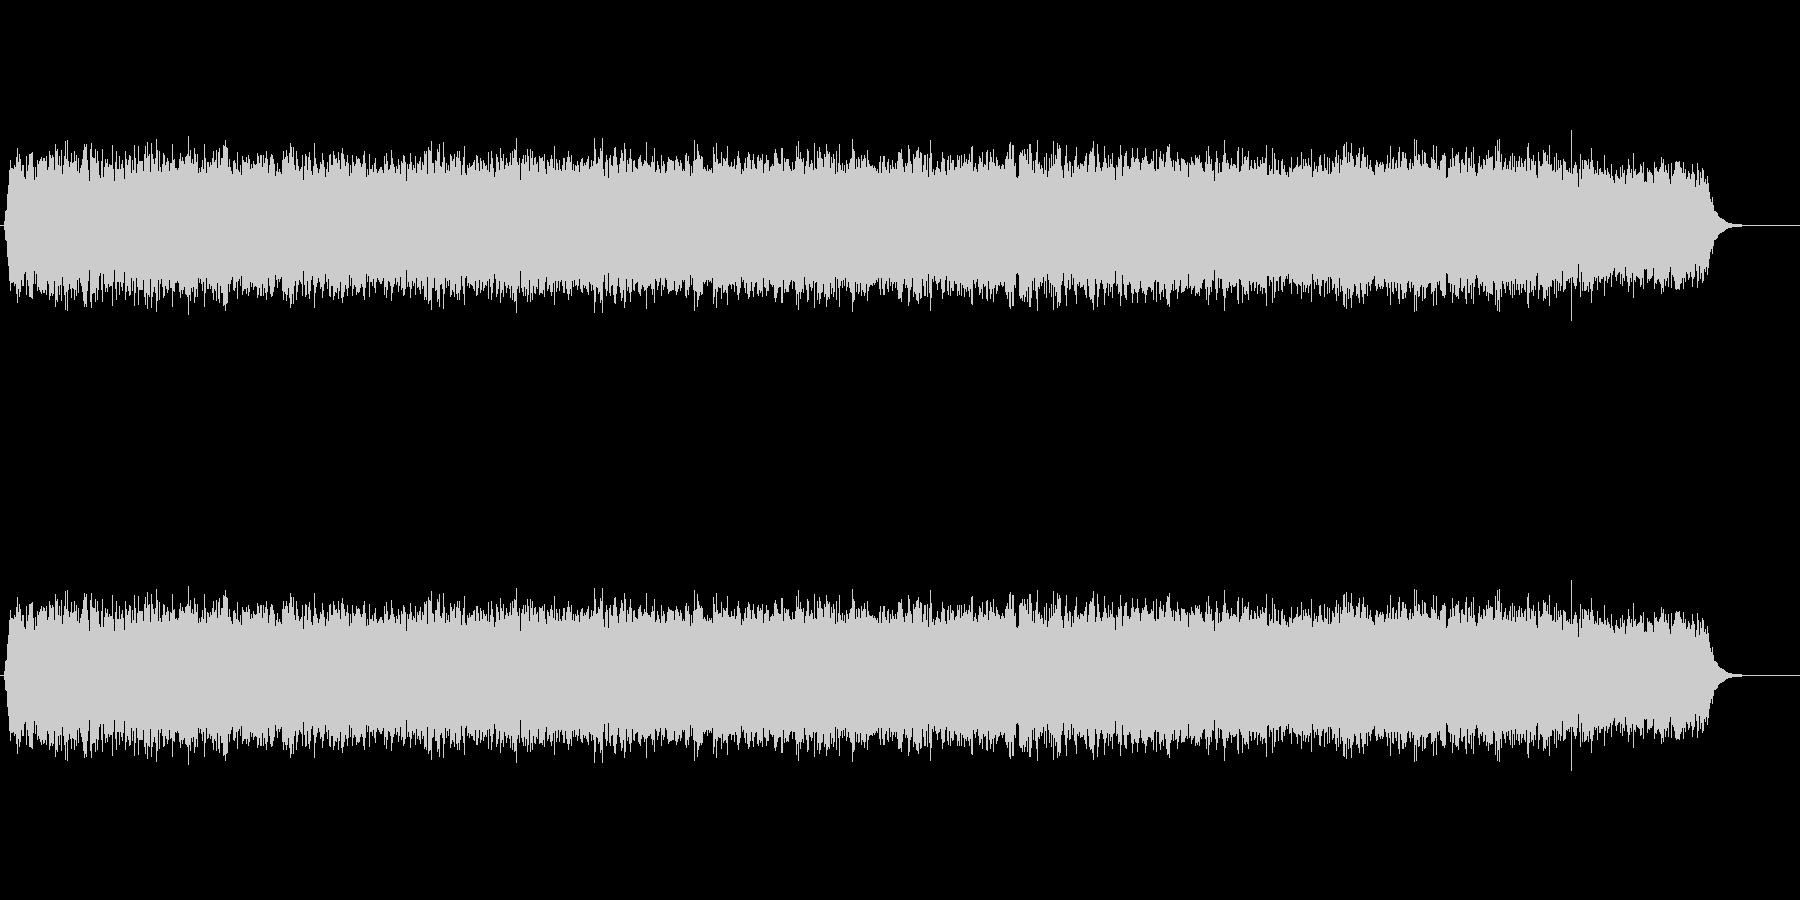 ジリリリリリリン…朝の音(Lo-Fi版)の未再生の波形